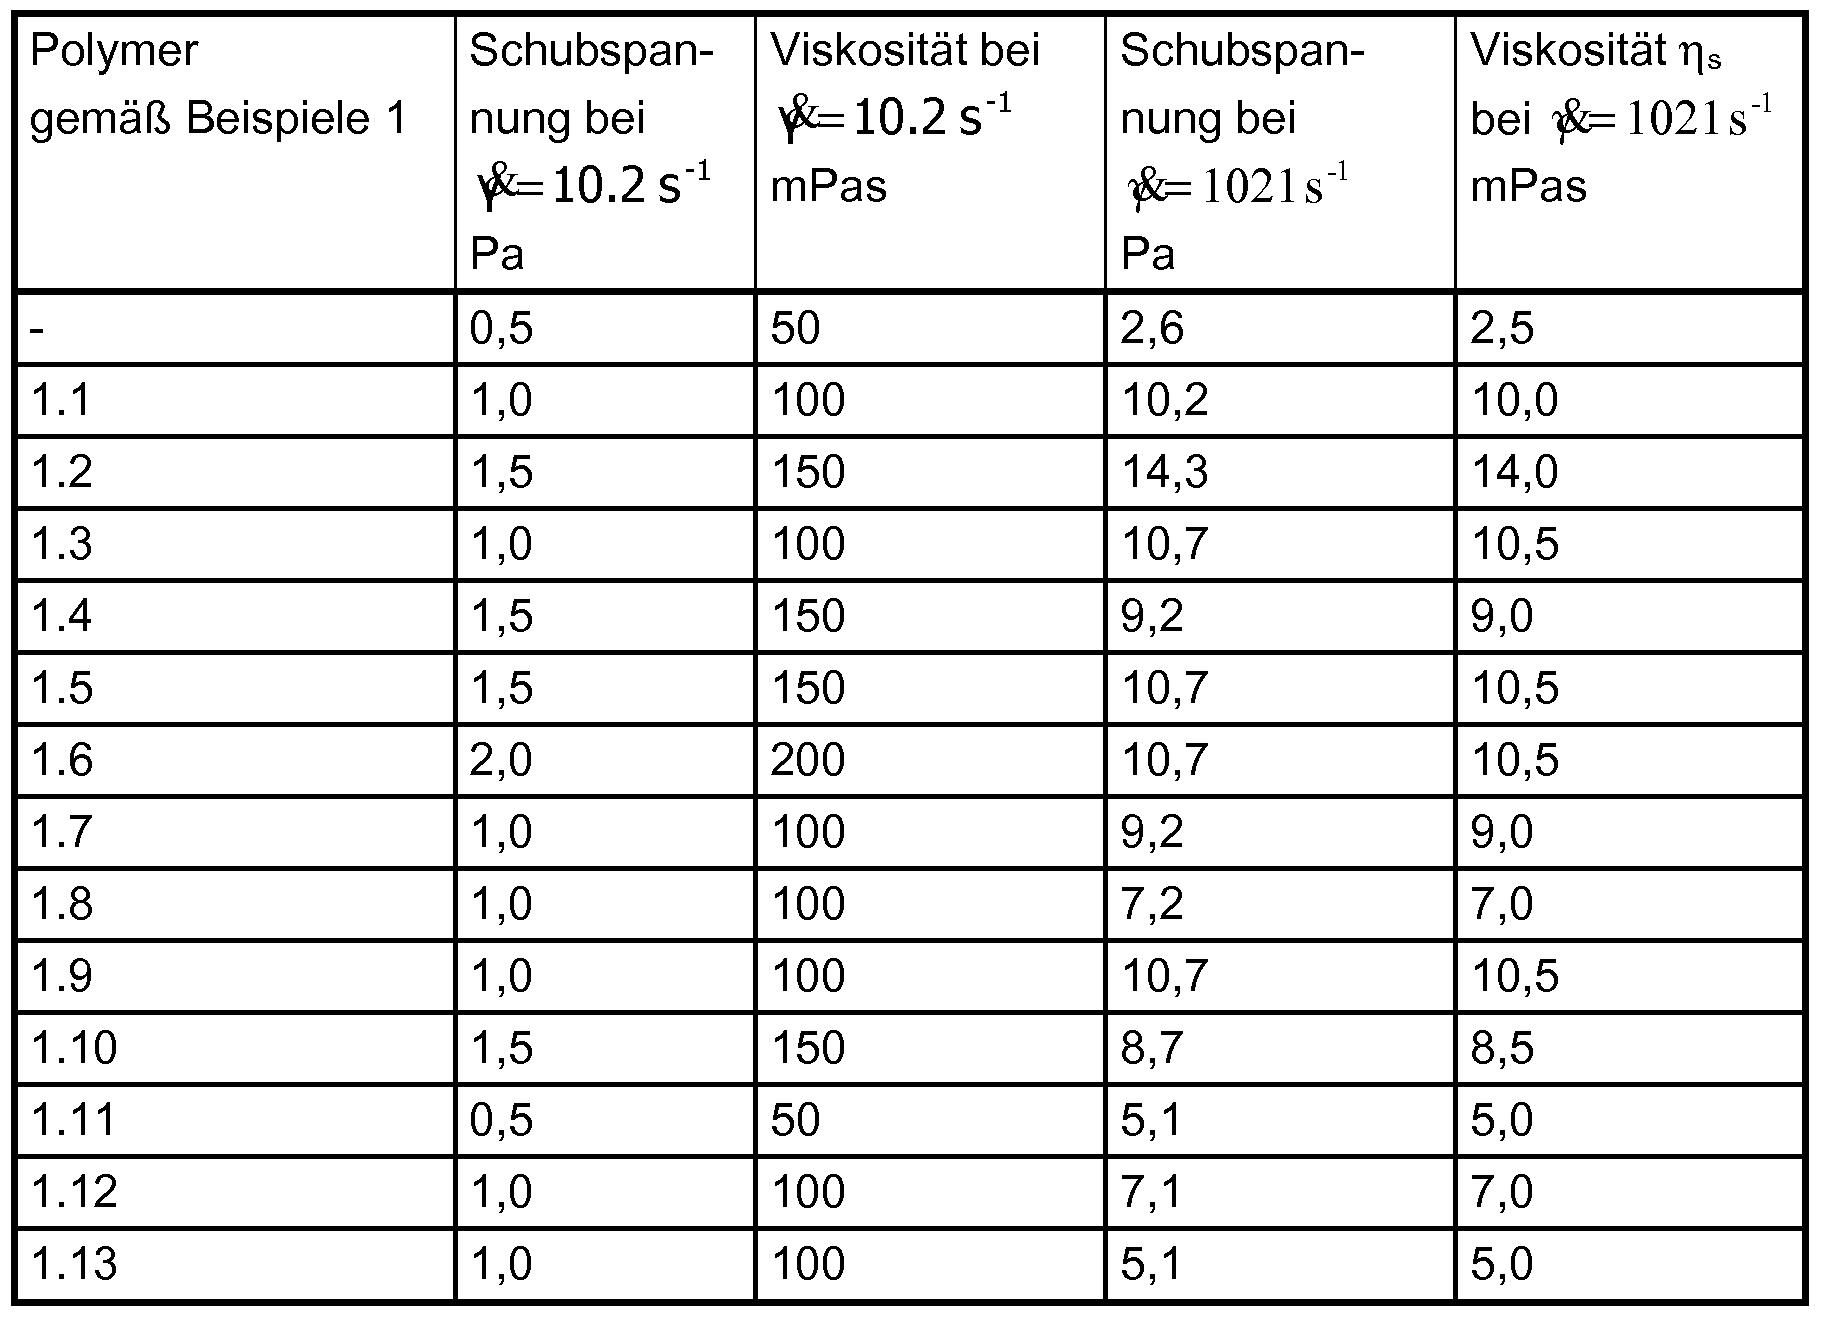 Full Size of Standard Fenstermae Tabelle Fenster Veka Einbau Einbruchsicherung Standardmaße Klebefolie Für Rc3 Kunststoff Flachdach Maße Nach Maß Einbruchschutzfolie Fenster Standardmaße Fenster